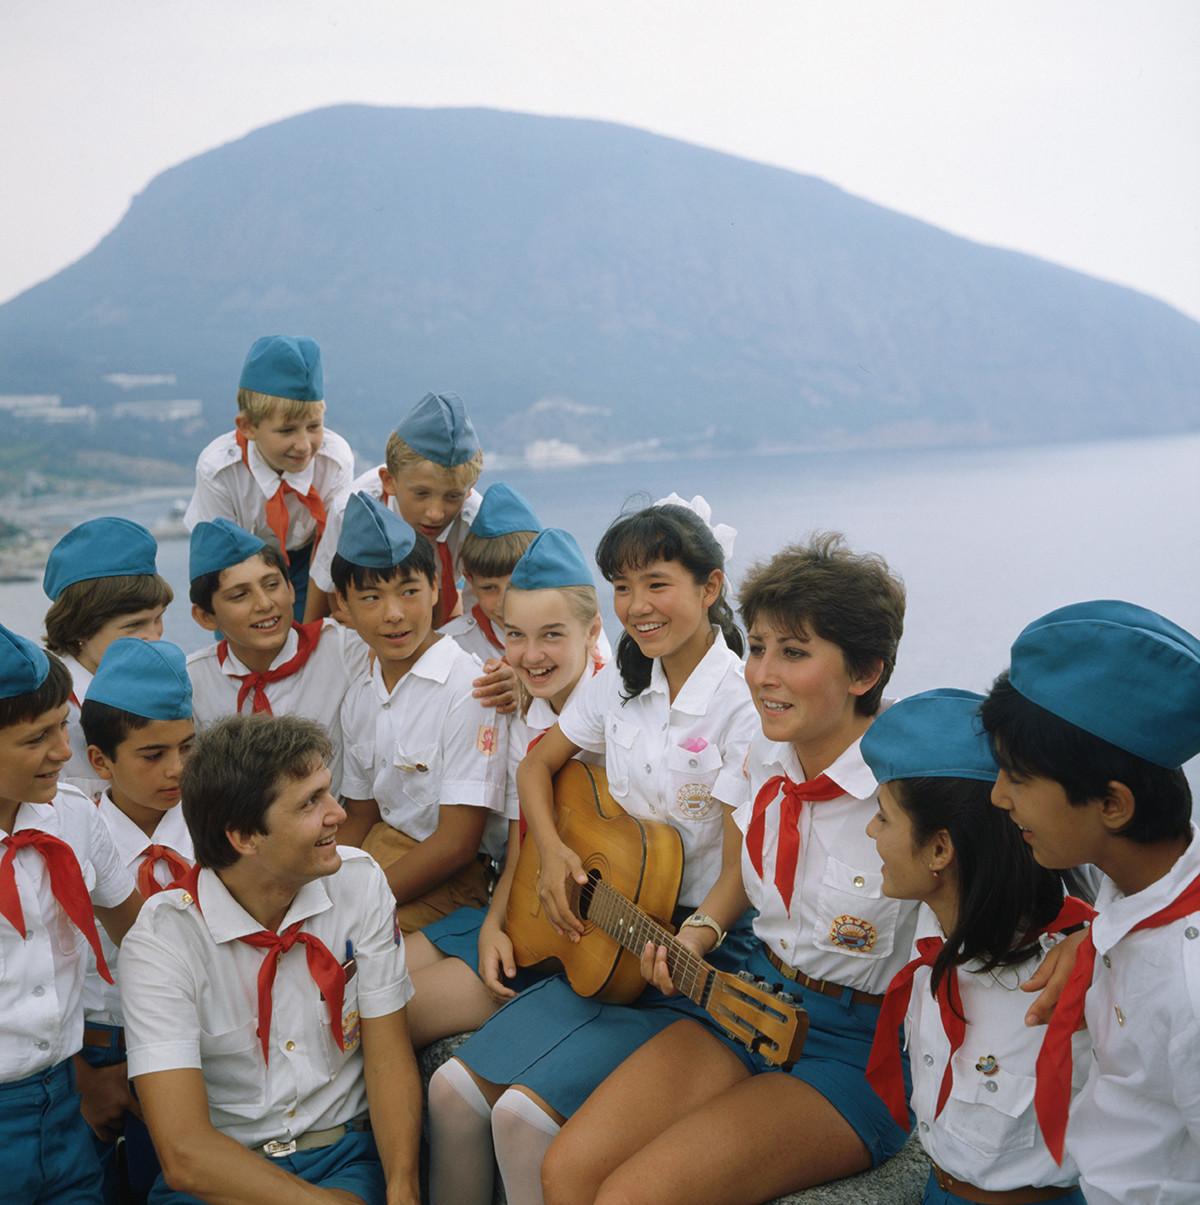 キャンプ「アルテク」を訪れている子供たち